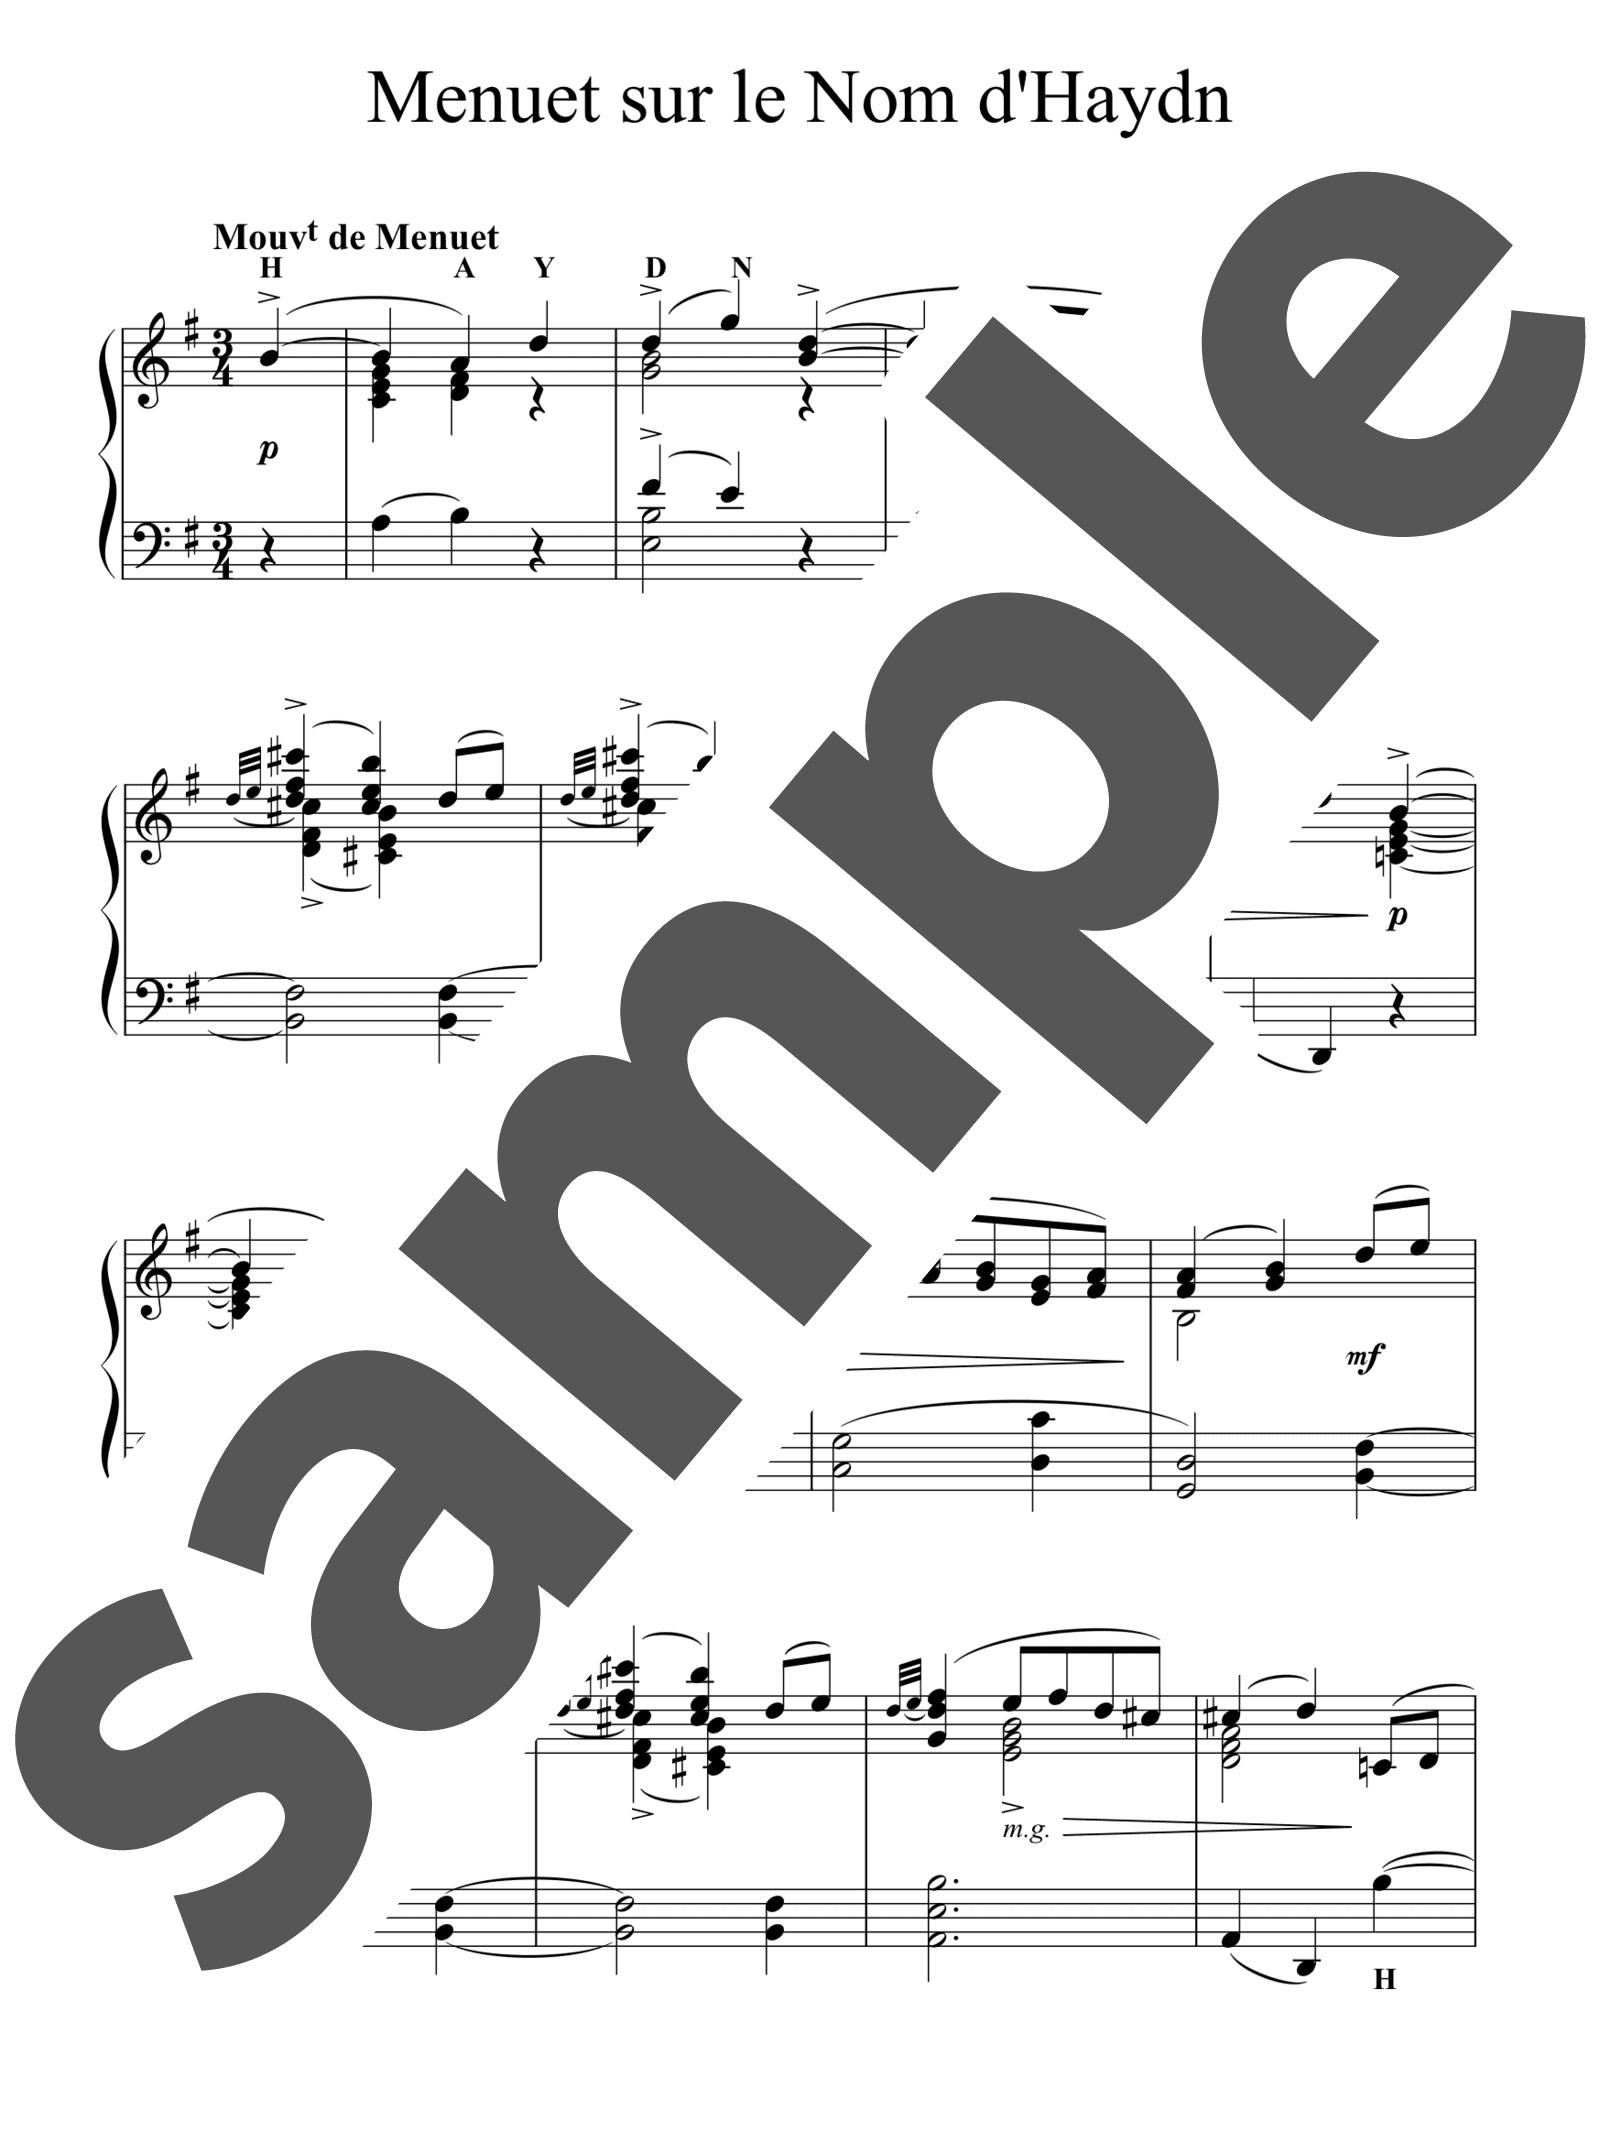 「ハイドンの名によるメヌエット」のサンプル楽譜